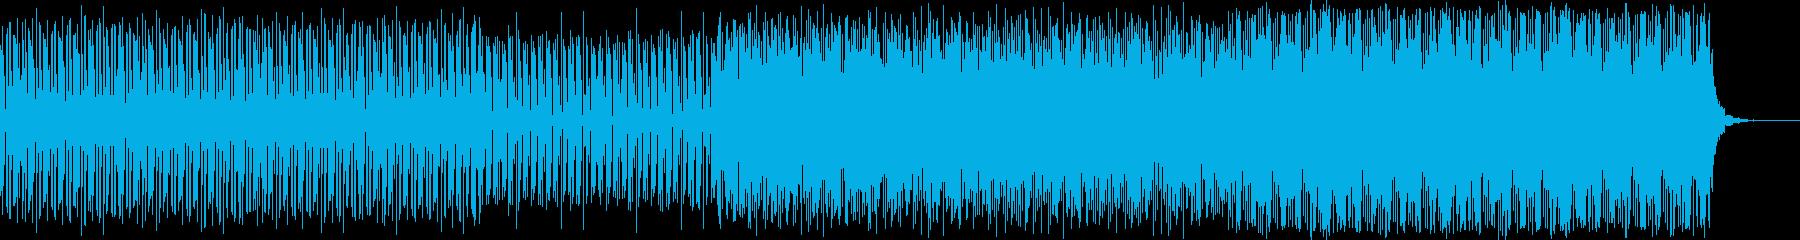 幻想的な映像、CMにピアノエレクトロニカの再生済みの波形